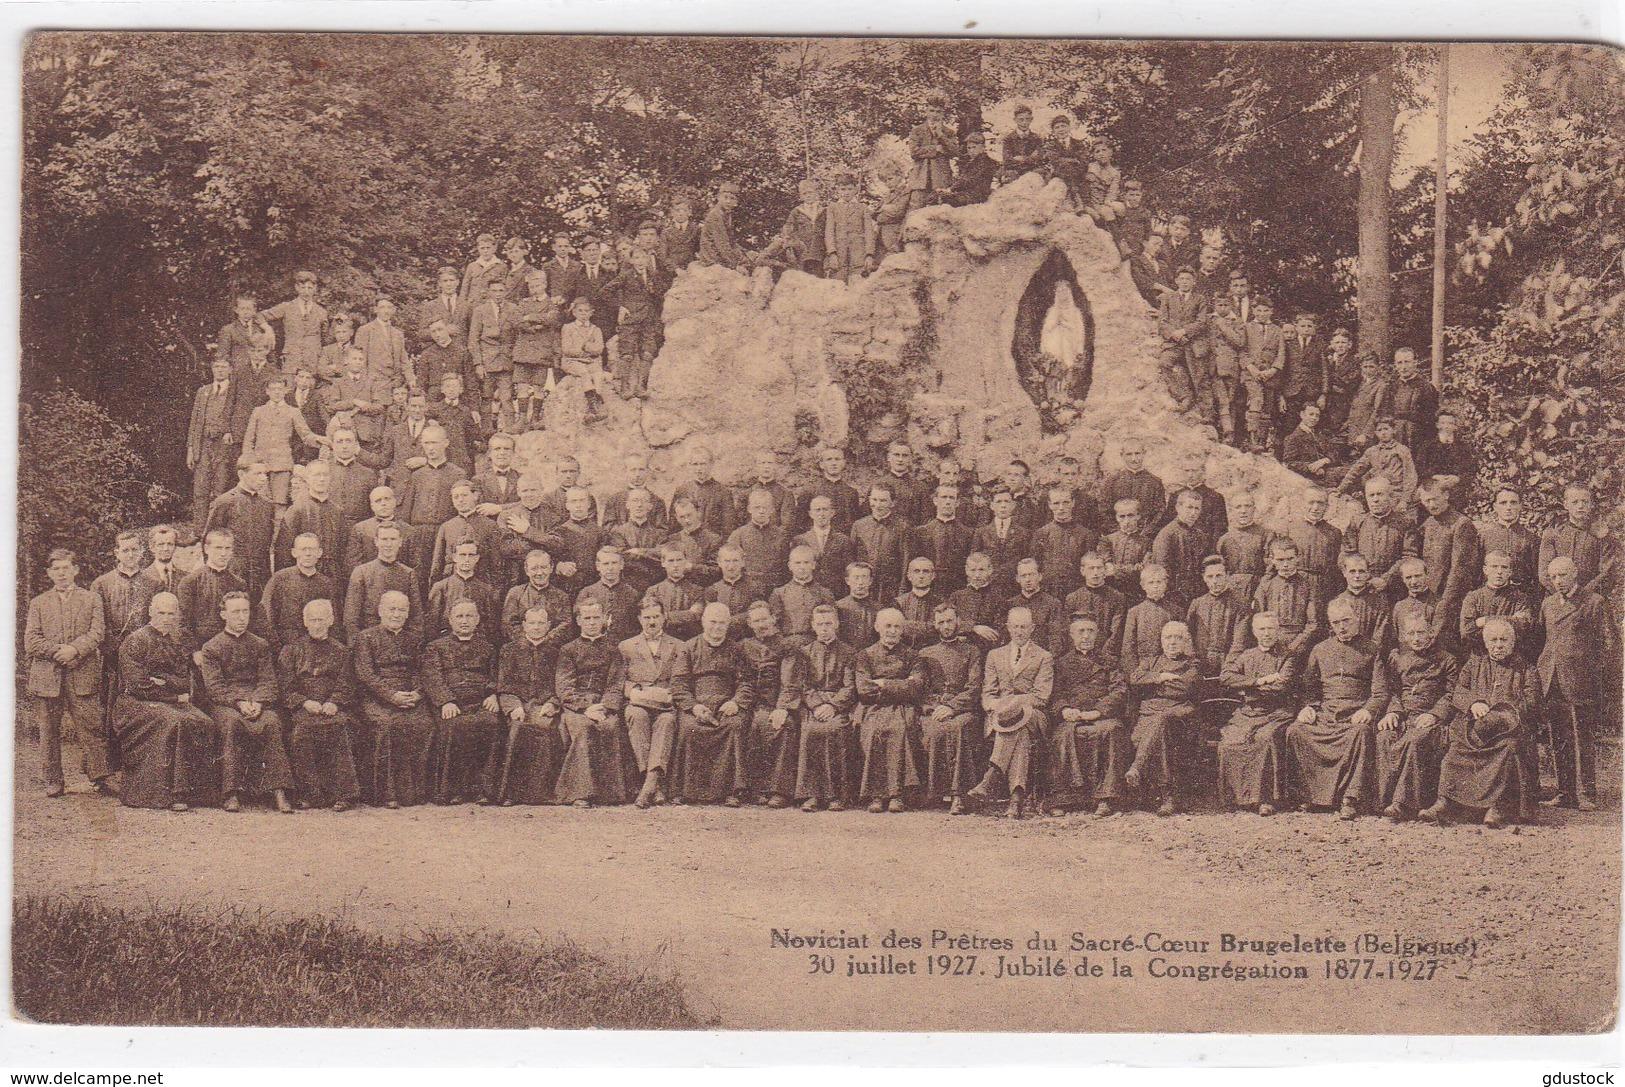 Belgique - Noviciat Des Prêtres Du Sacré-Coeur Brugelette - 30 Juillet 1927 - Jubilé De La Congrégation 1877-1927 - Brugelette